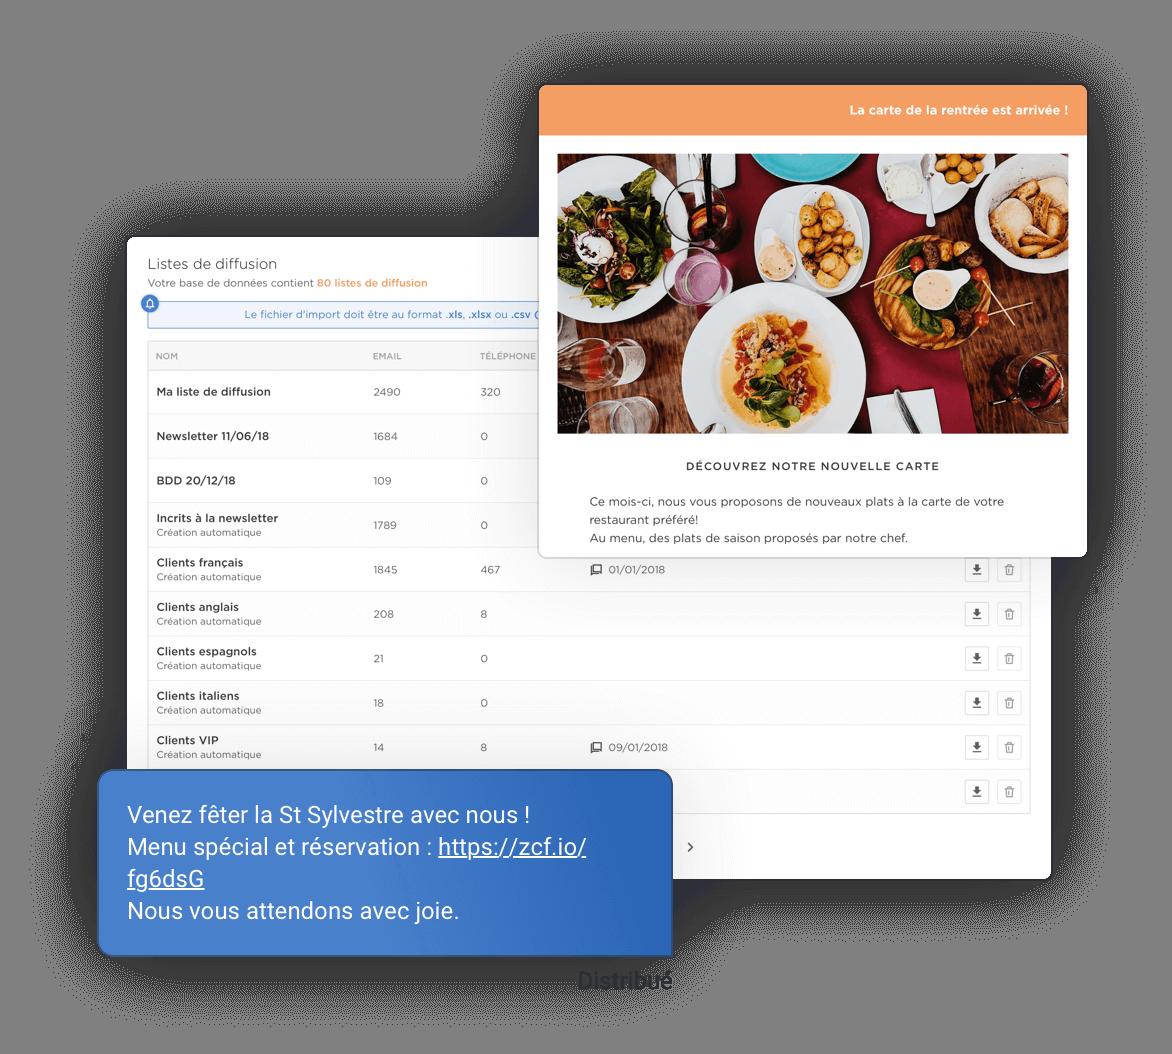 Les thèmes prédéfinis de sms et de newsletter sur la liste segmentée des clients